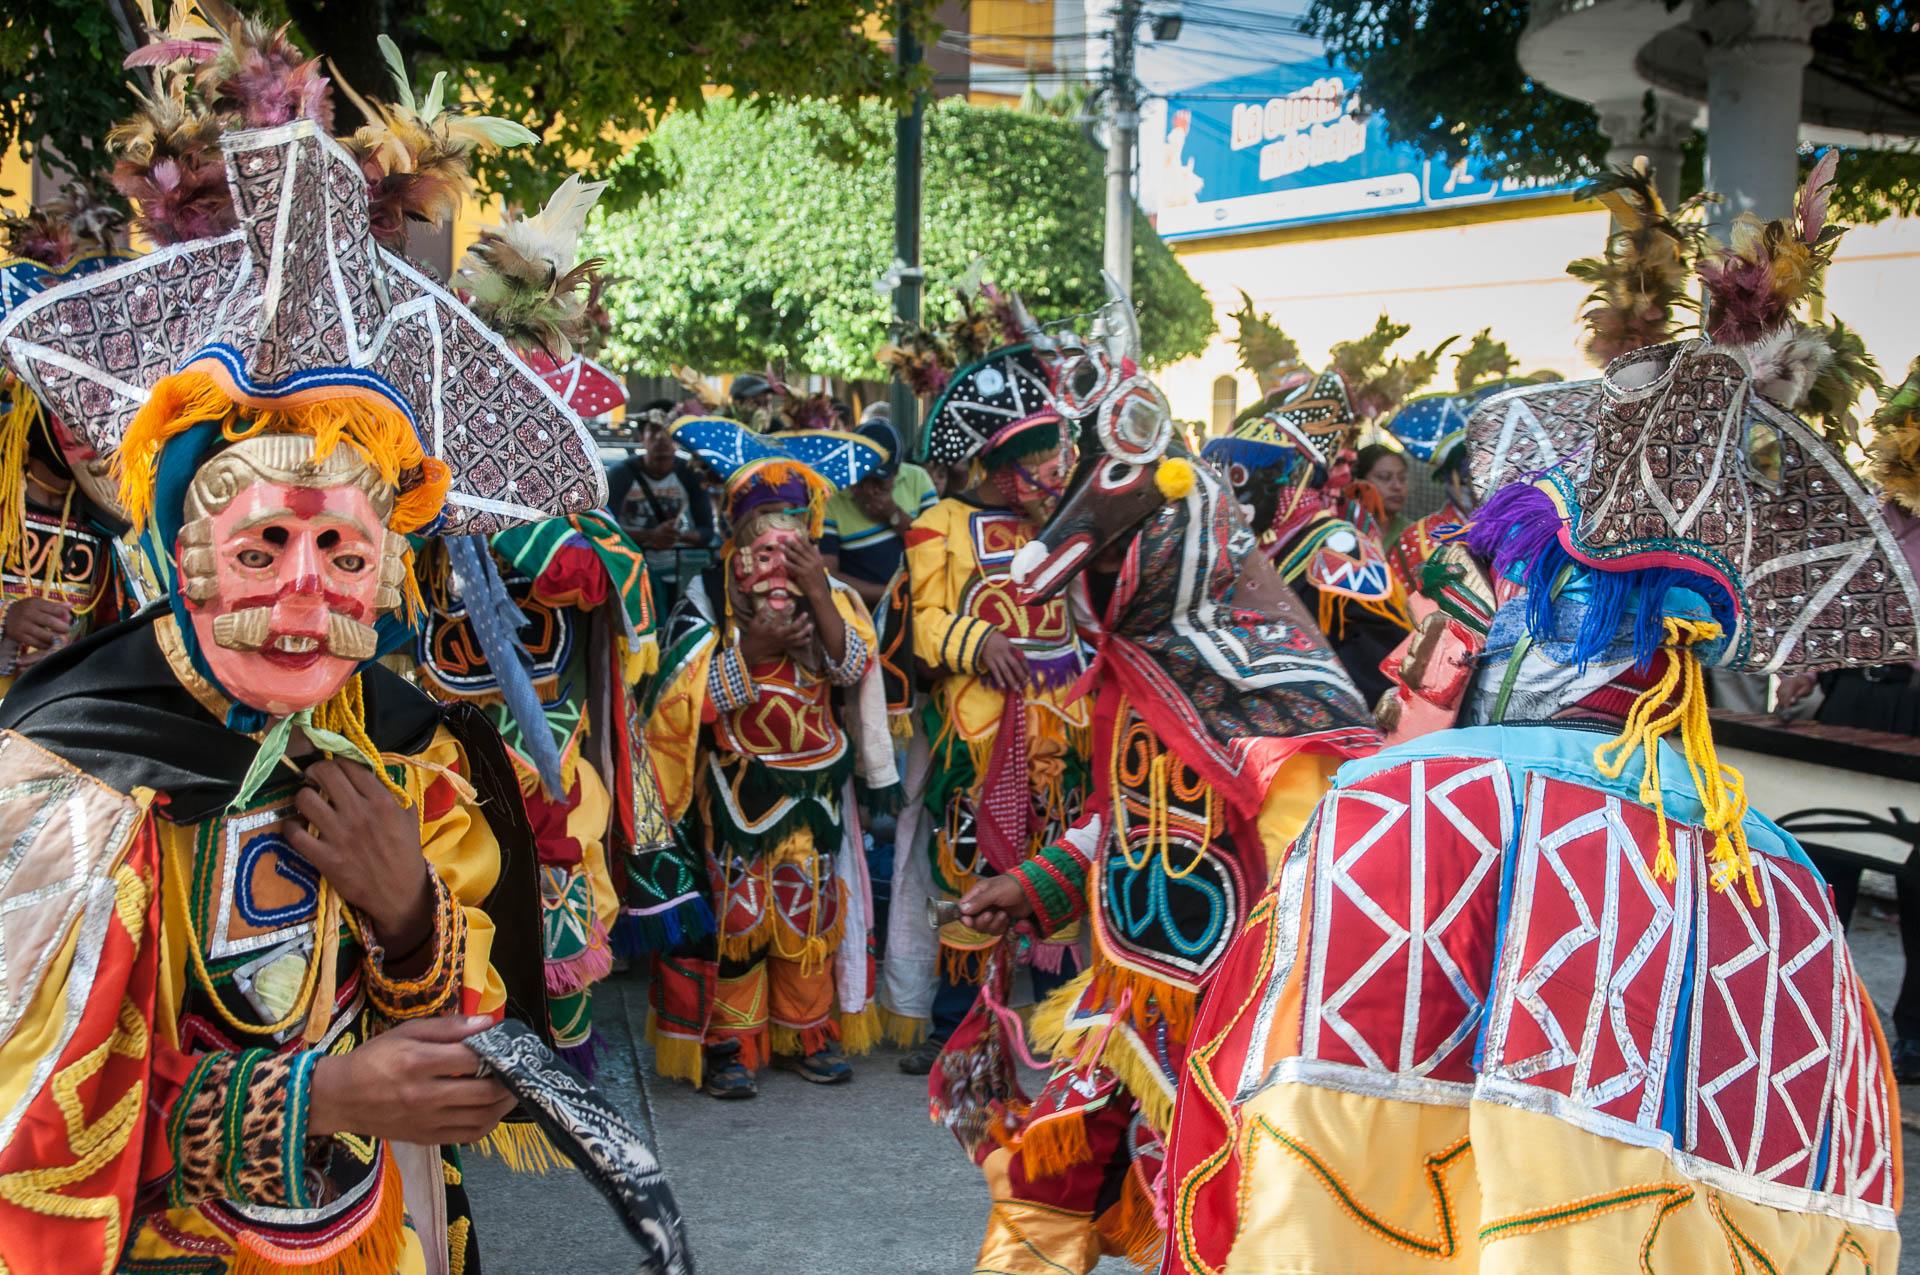 coban danseurs suite - Les globe blogueurs - blog voyage nature